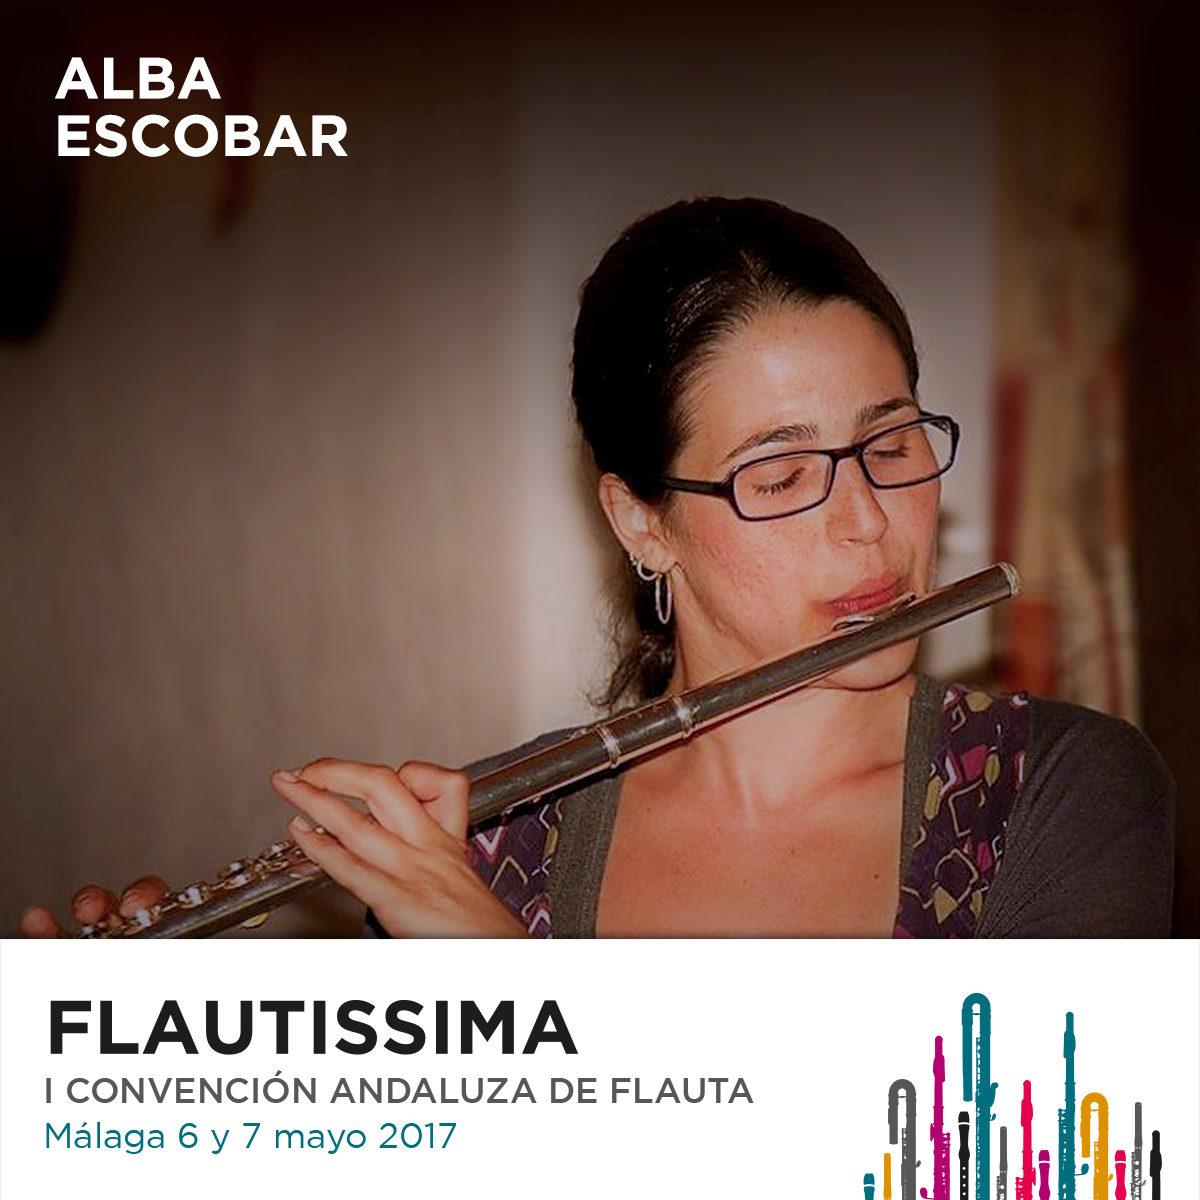 Alba Escobar Flautissima